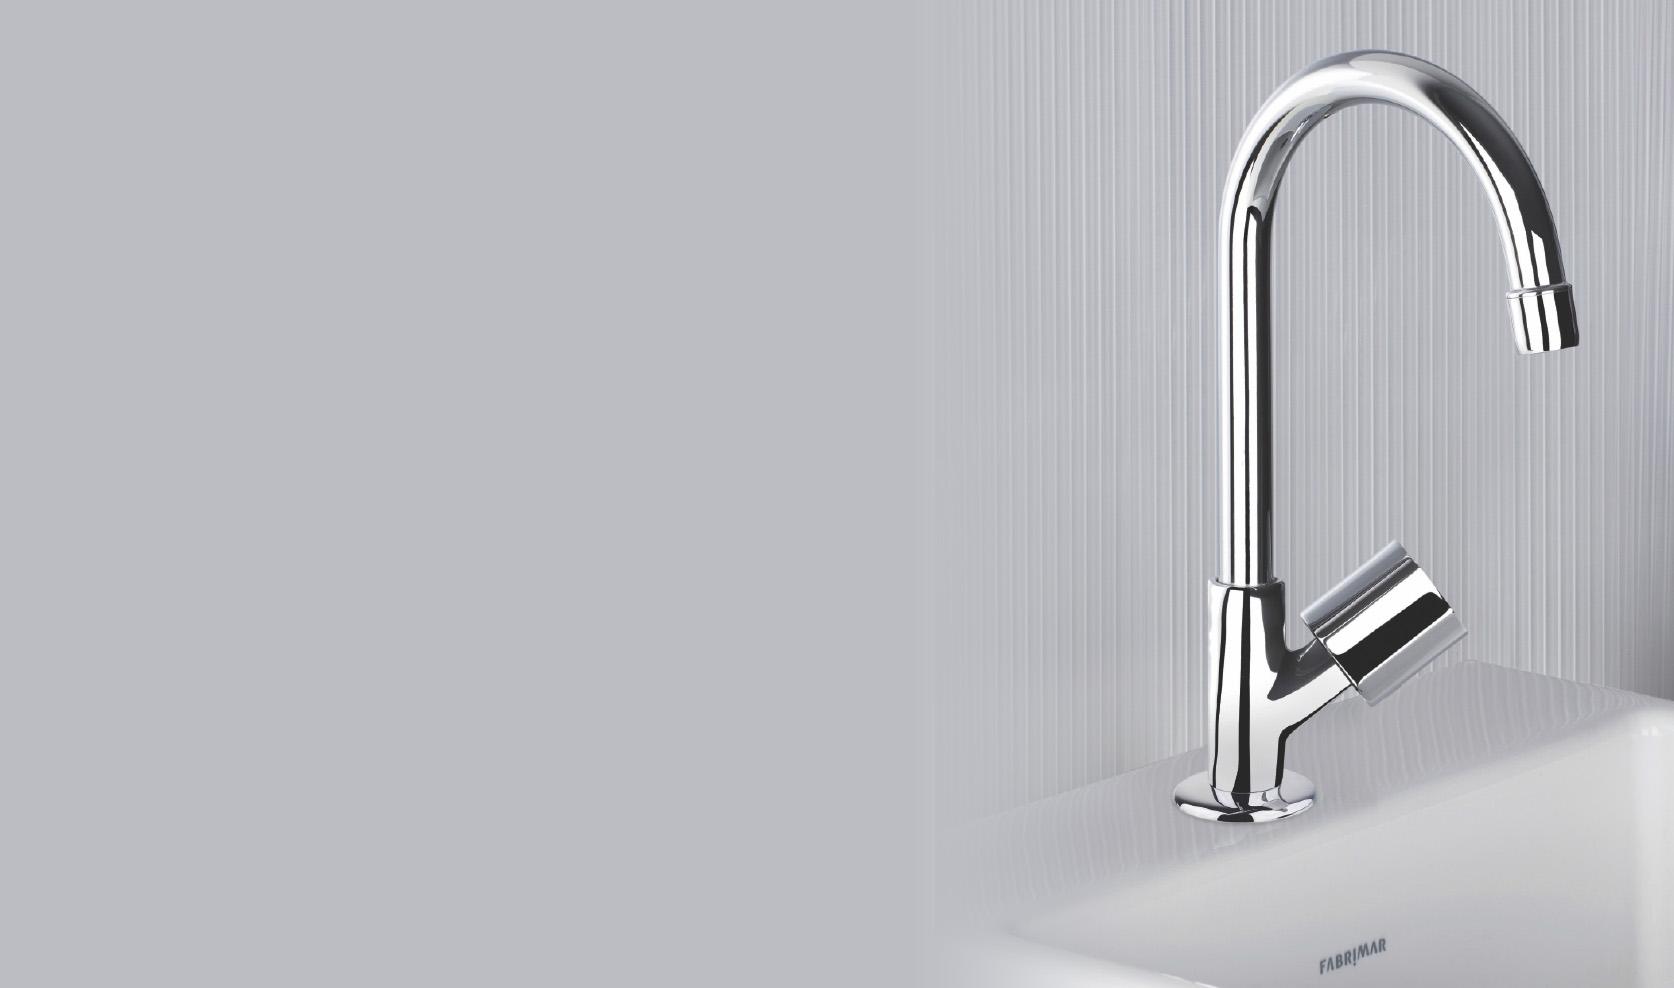 CATÁLOGOS EM PDF #60636B 1674x988 Acabamento Banheiro Fabrimar